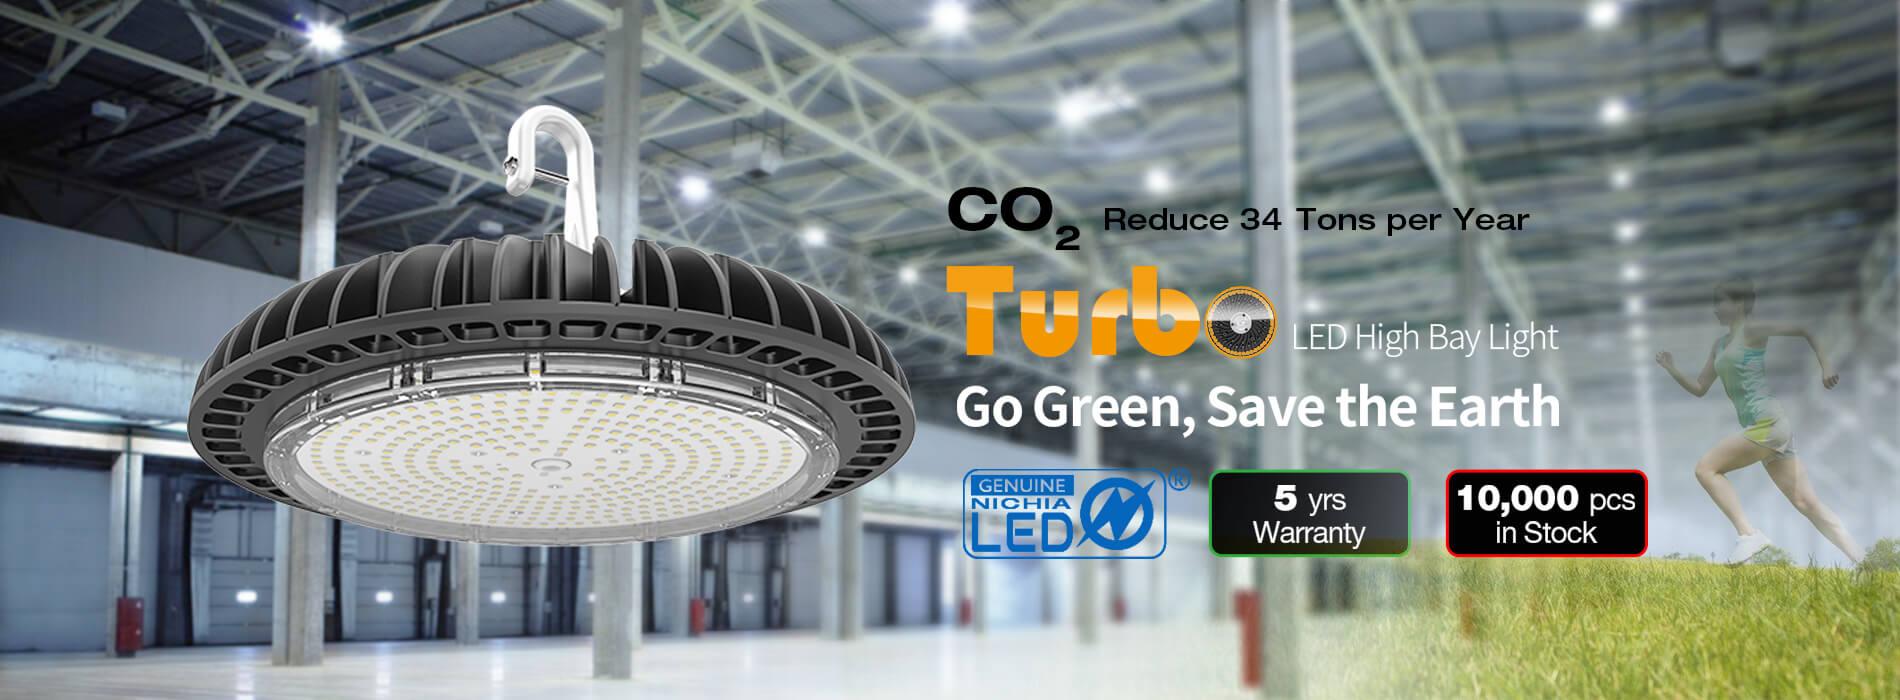 Turbo LED high bay light